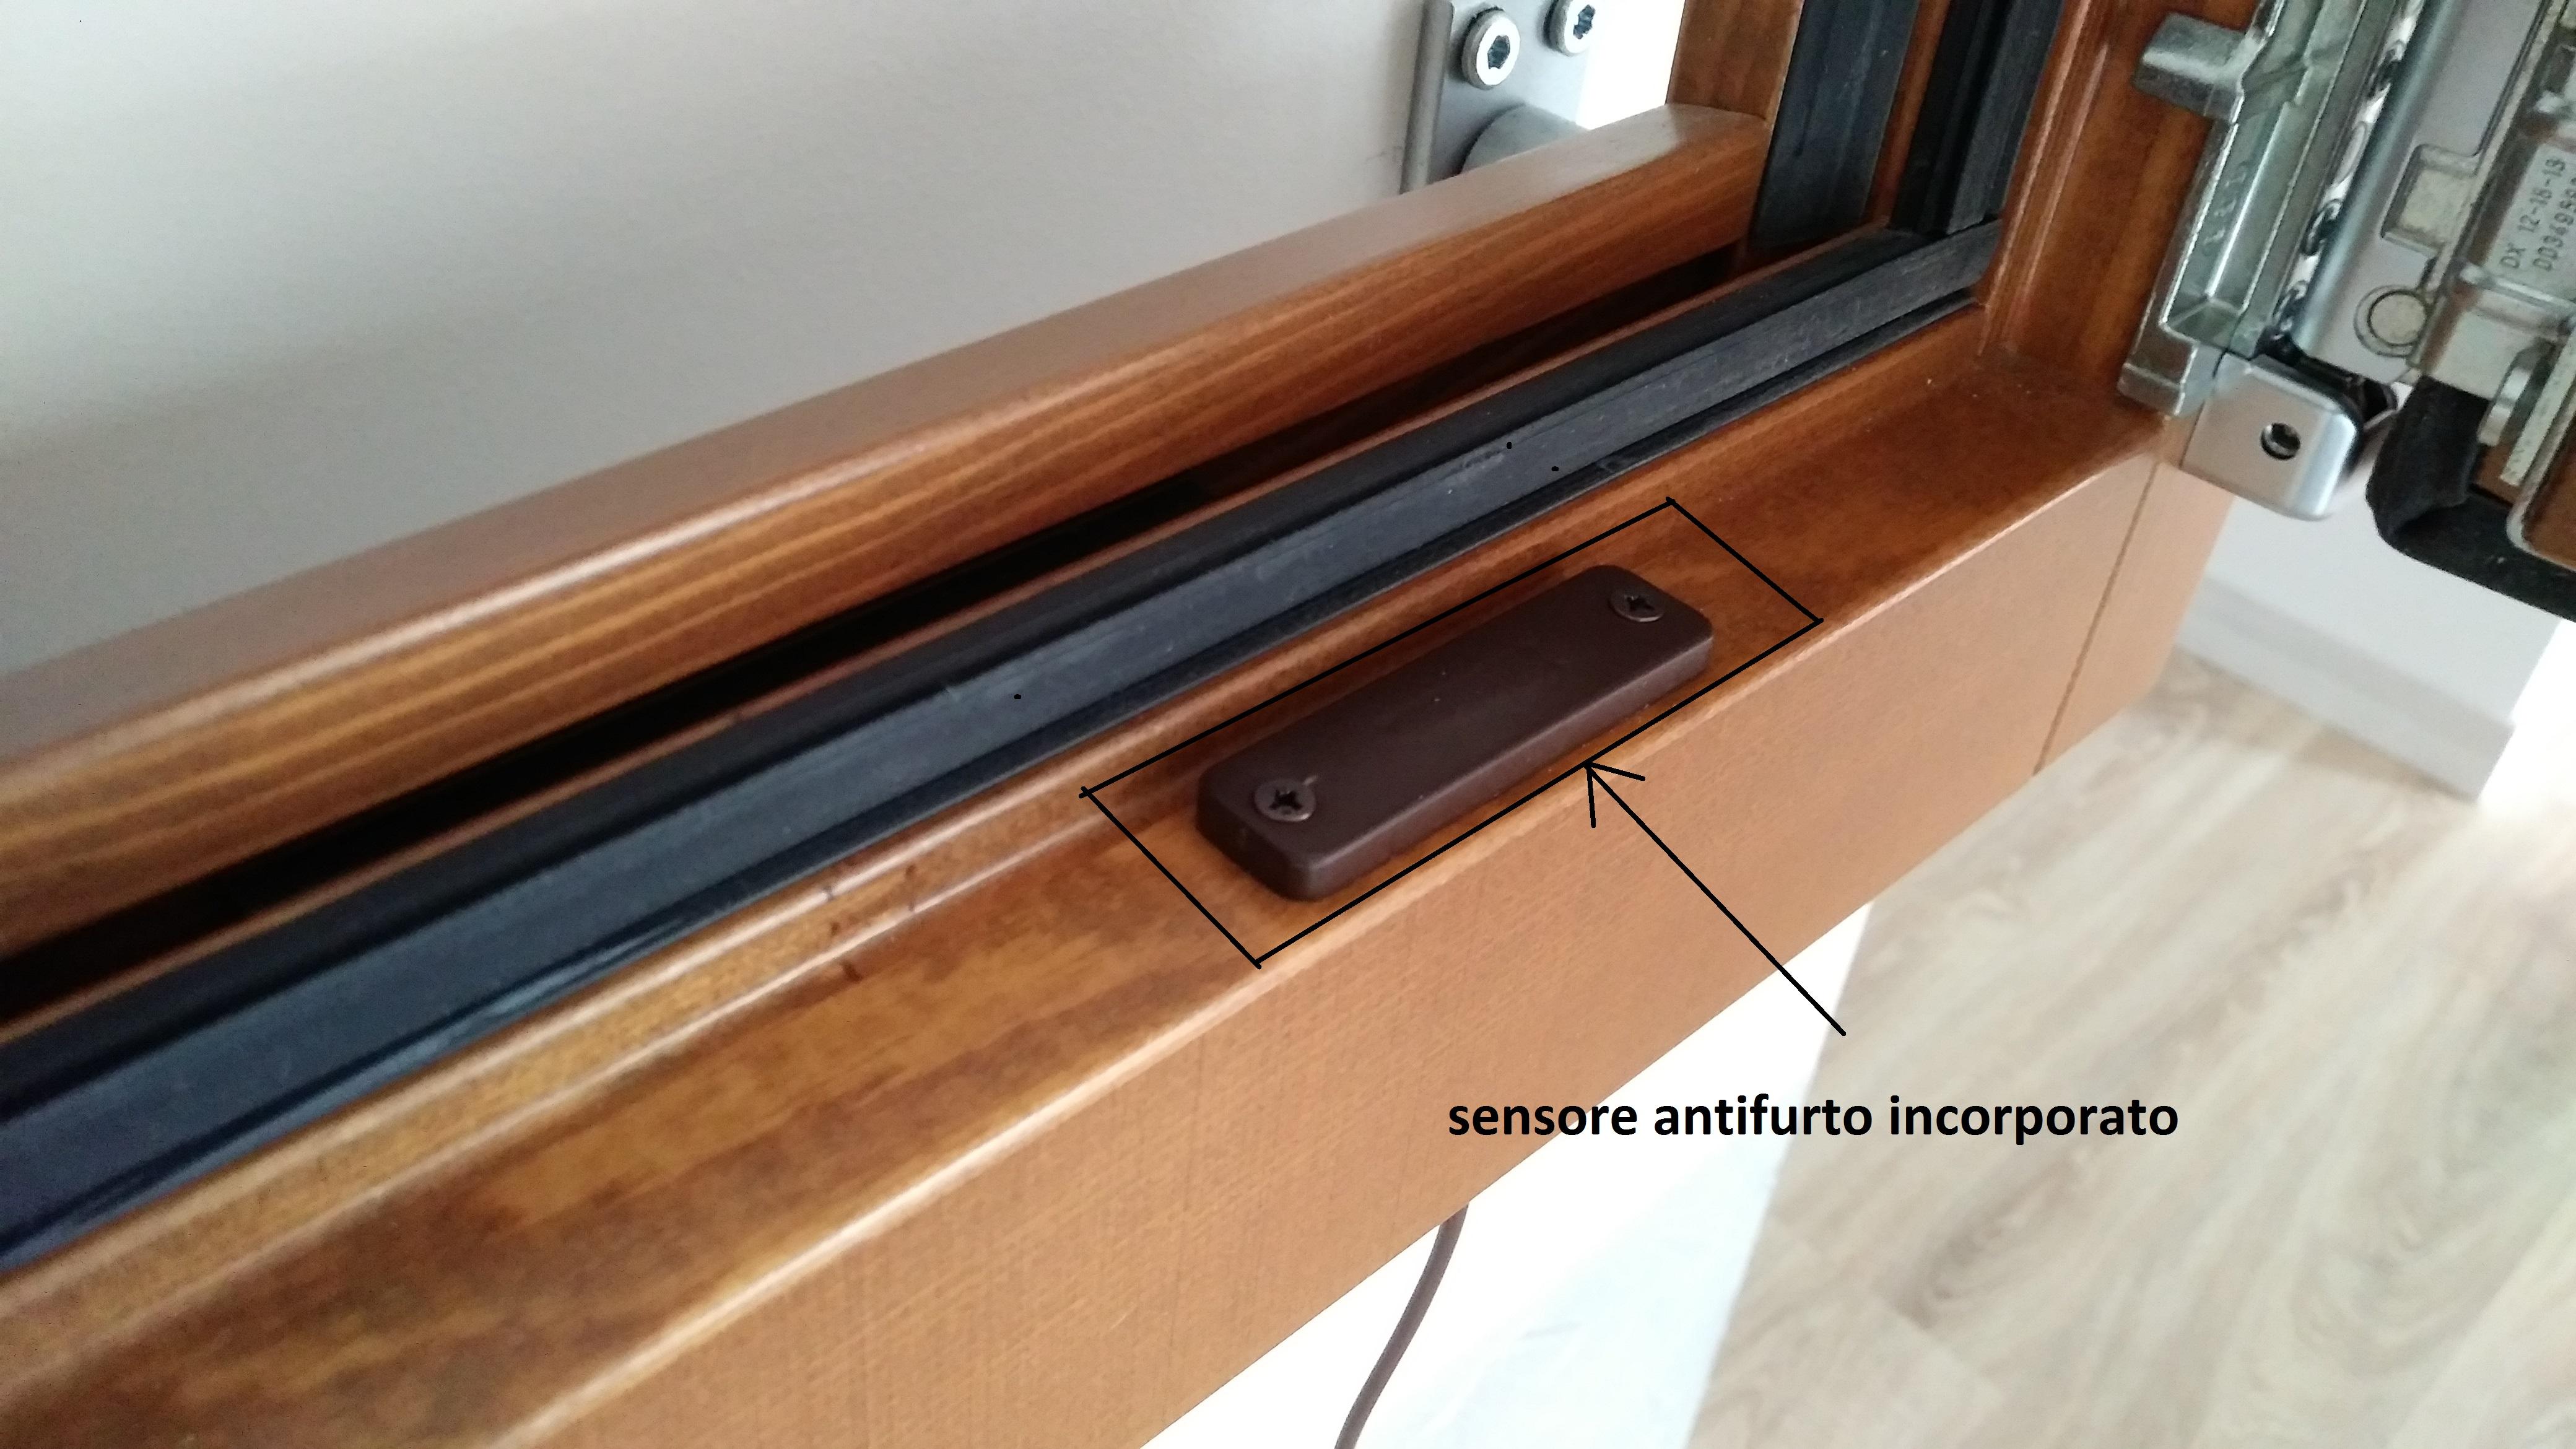 Perche le finestre fanno condensa best view large with perche le finestre fanno condensa good - Condensa su finestre in alluminio ...